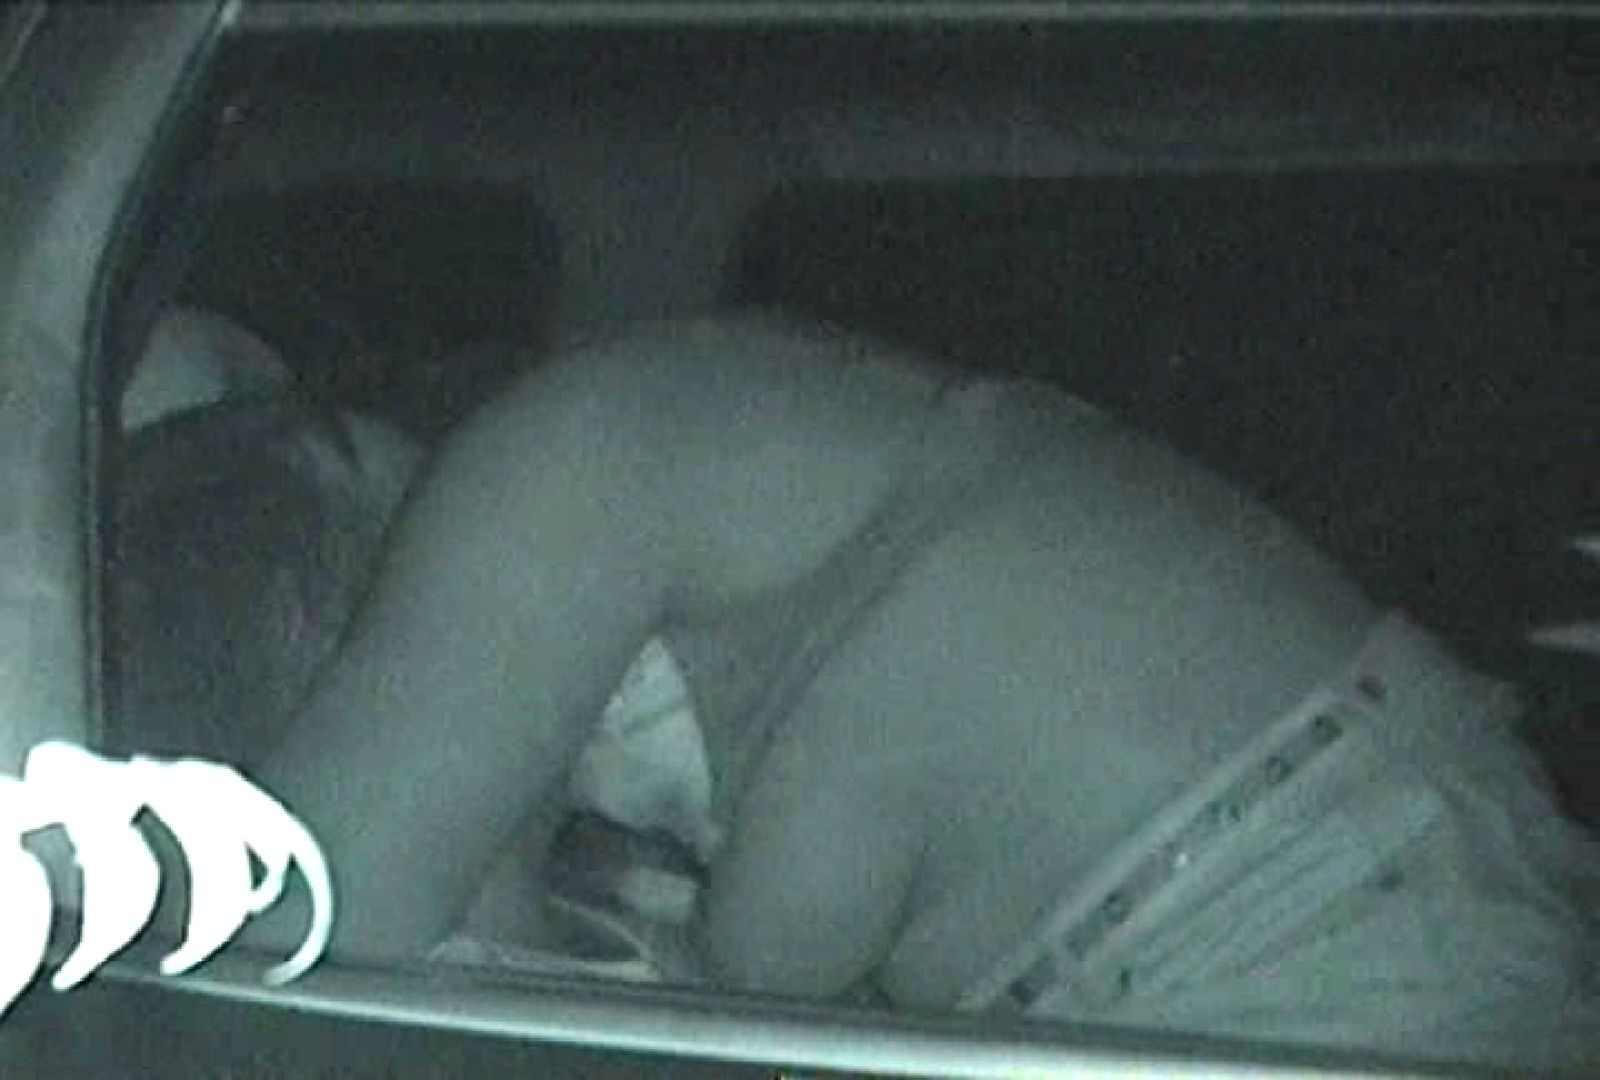 充血監督の深夜の運動会Vol.96 無修正マンコ AV動画キャプチャ 87PIX 74